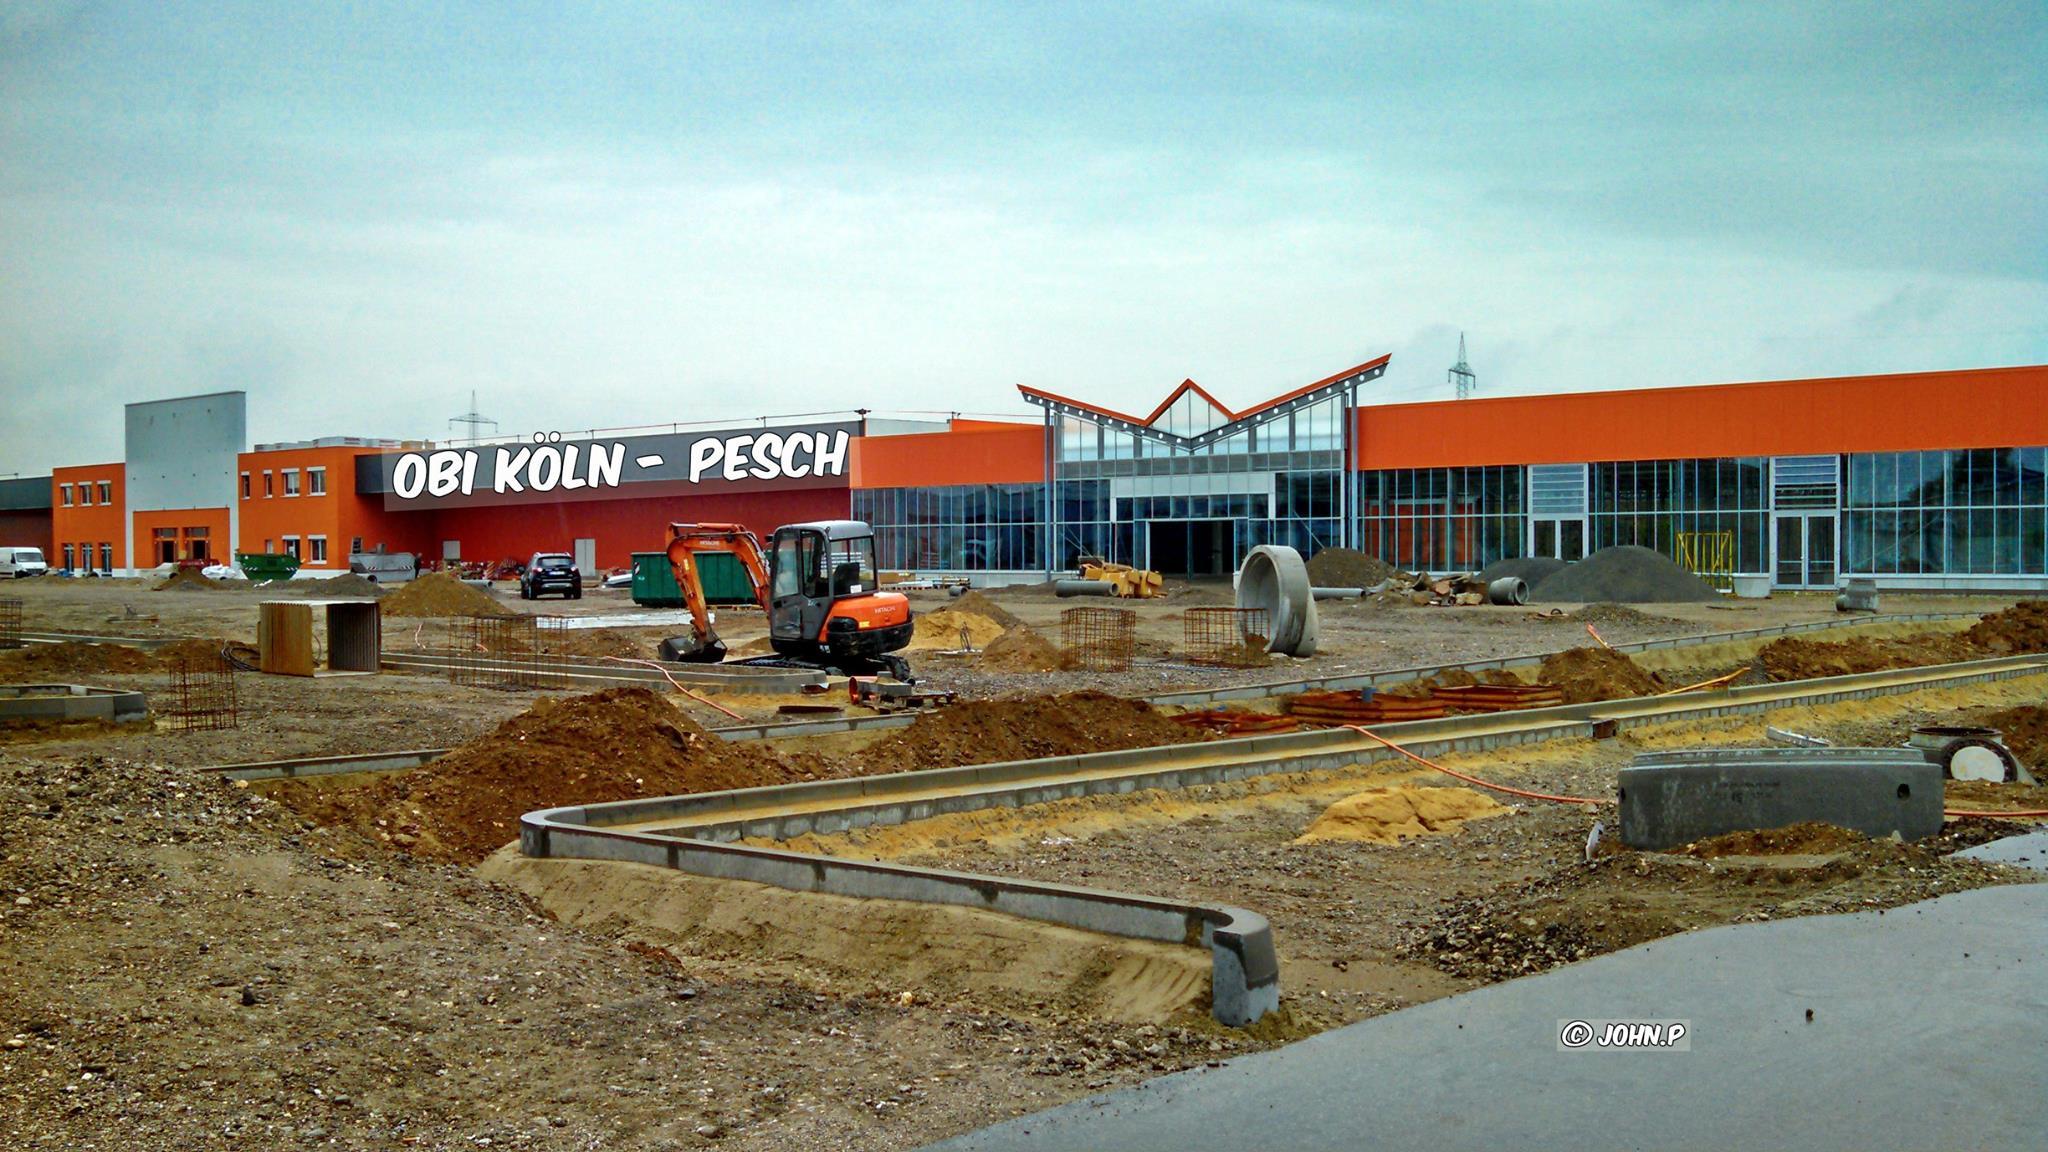 Der Künftige Baumarkt Obi in Köln-Pesch